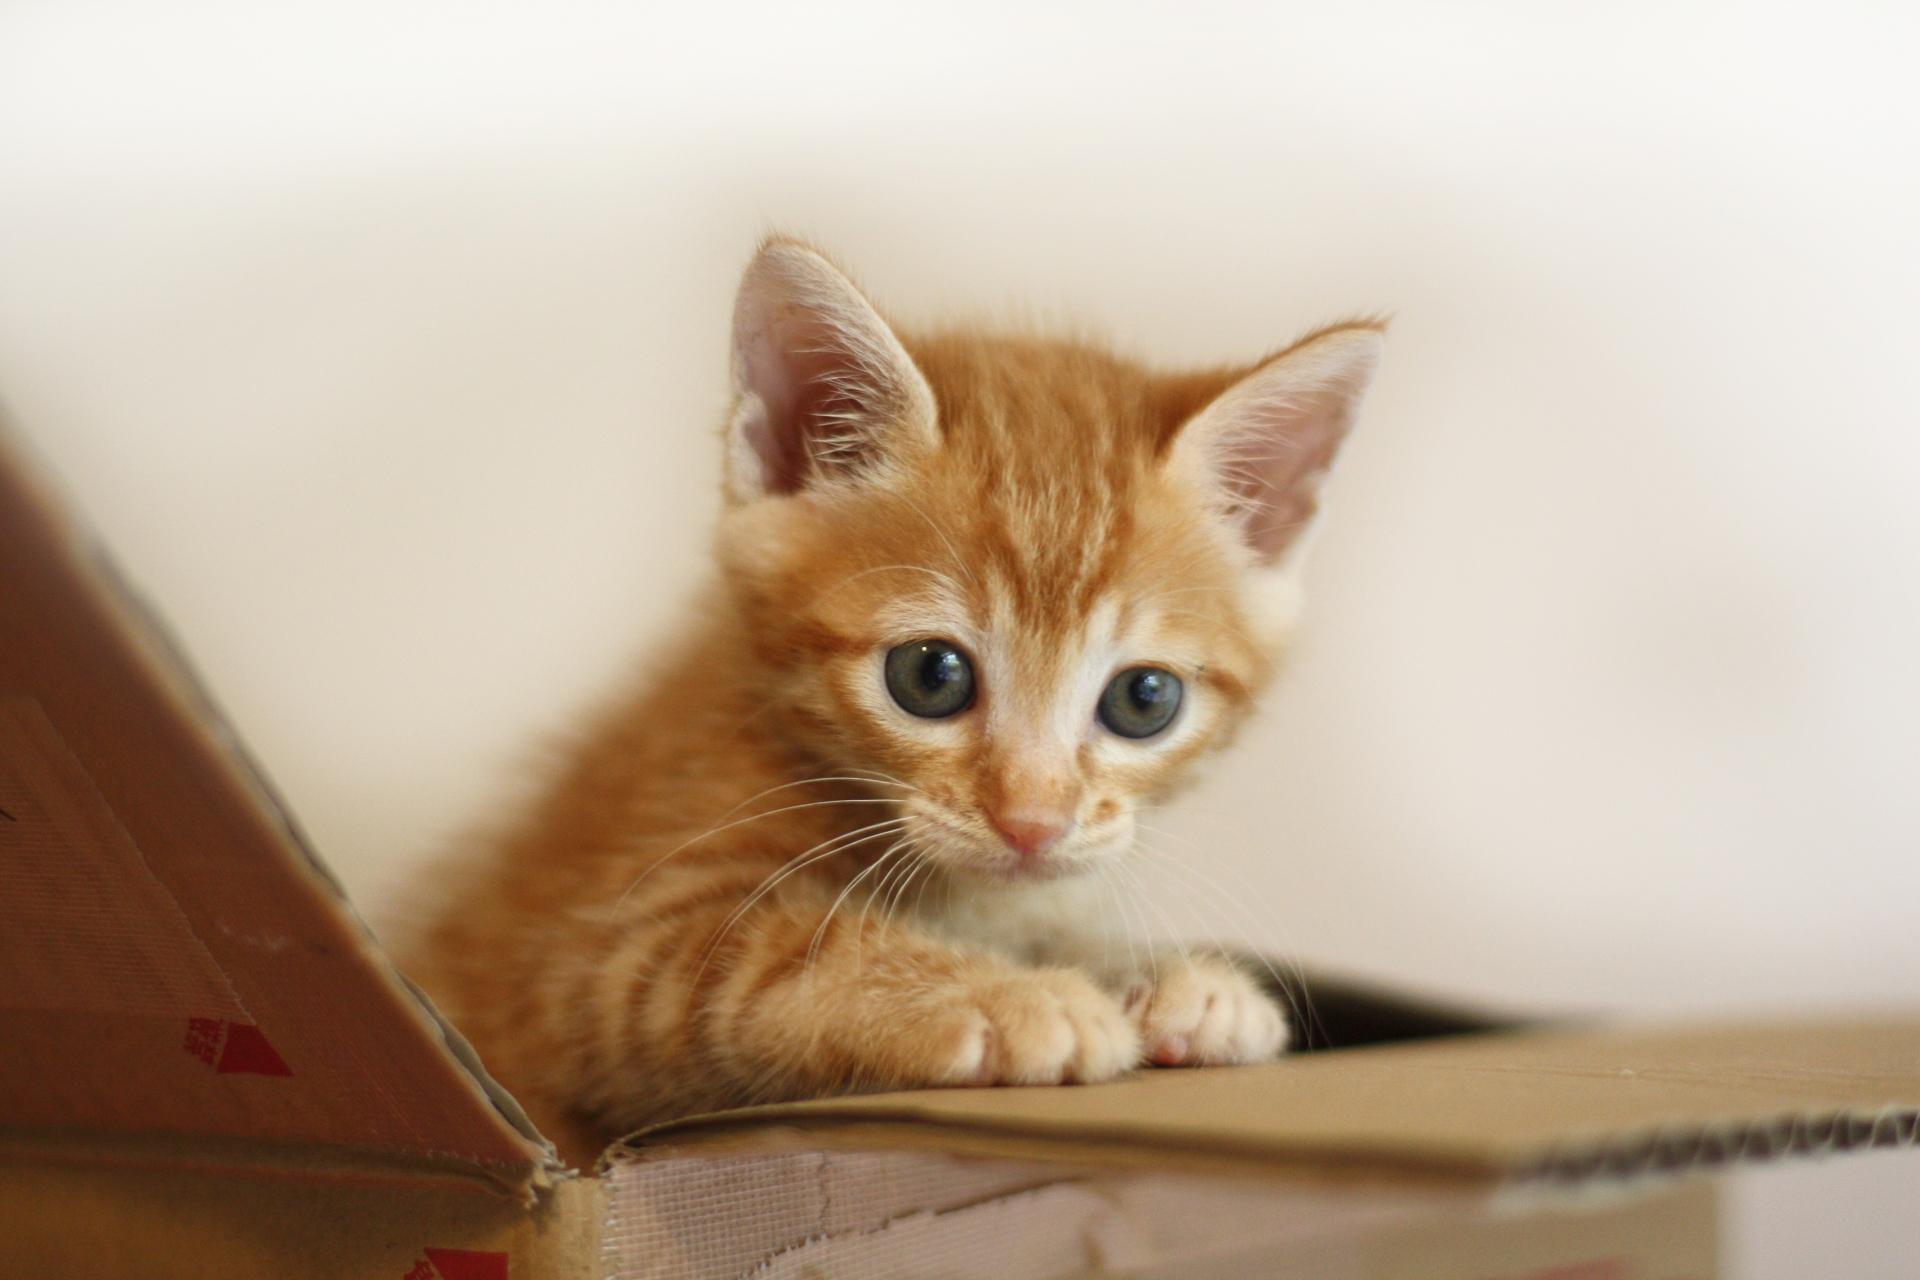 猫が引っ越しで鳴く原因と猫のために飼い主ができるポイント